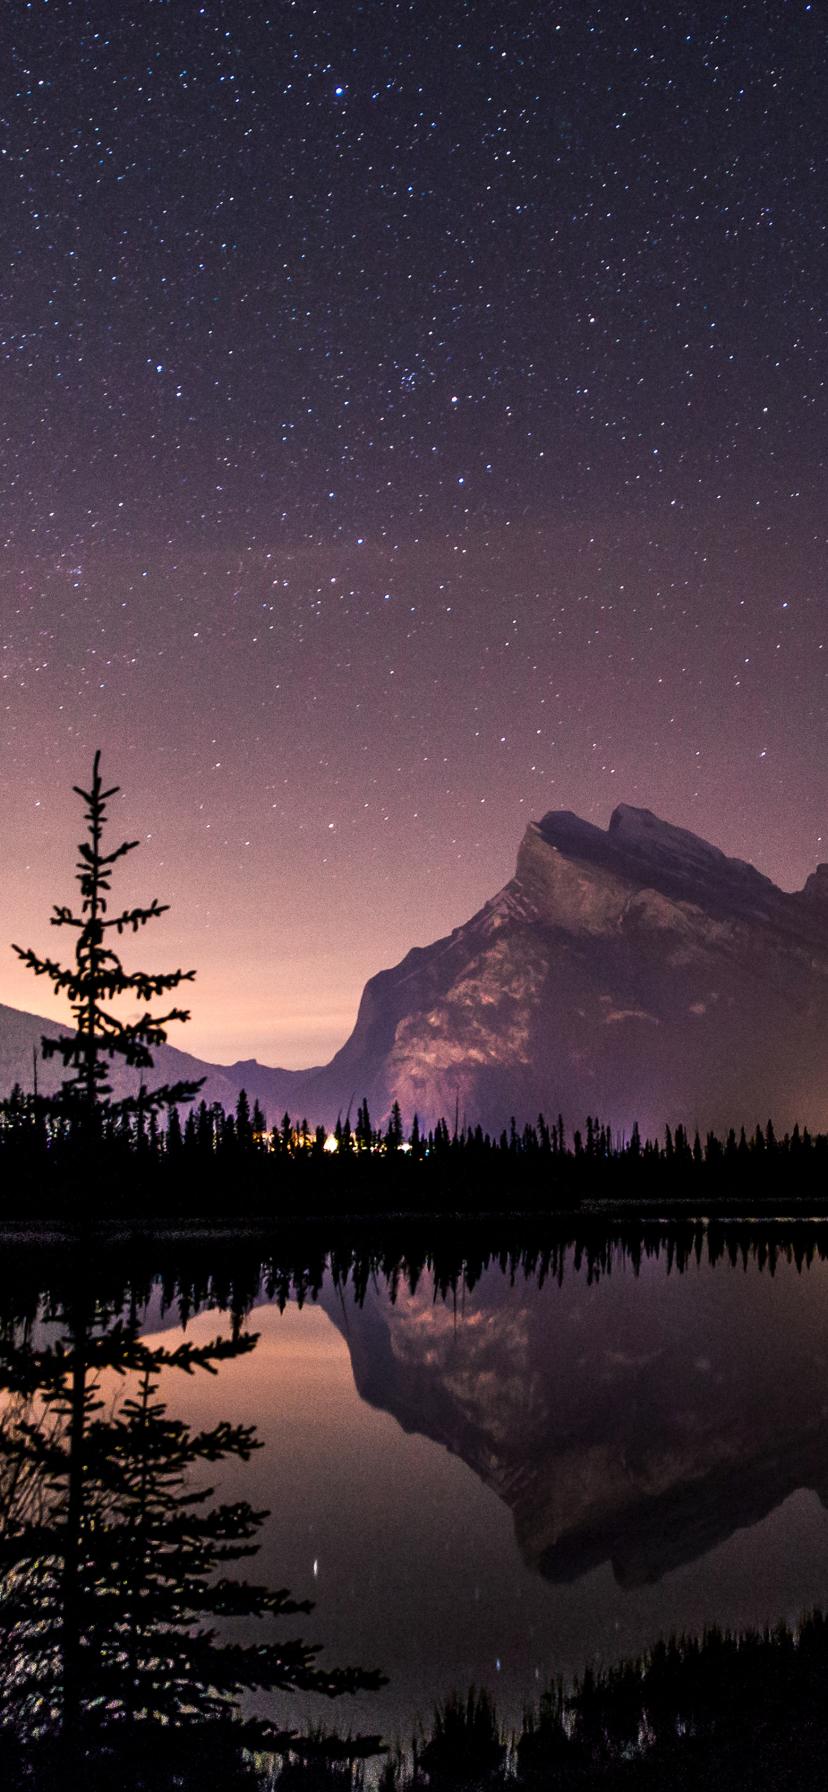 Starry Winter Sky over Lake Mobile Wallpaper